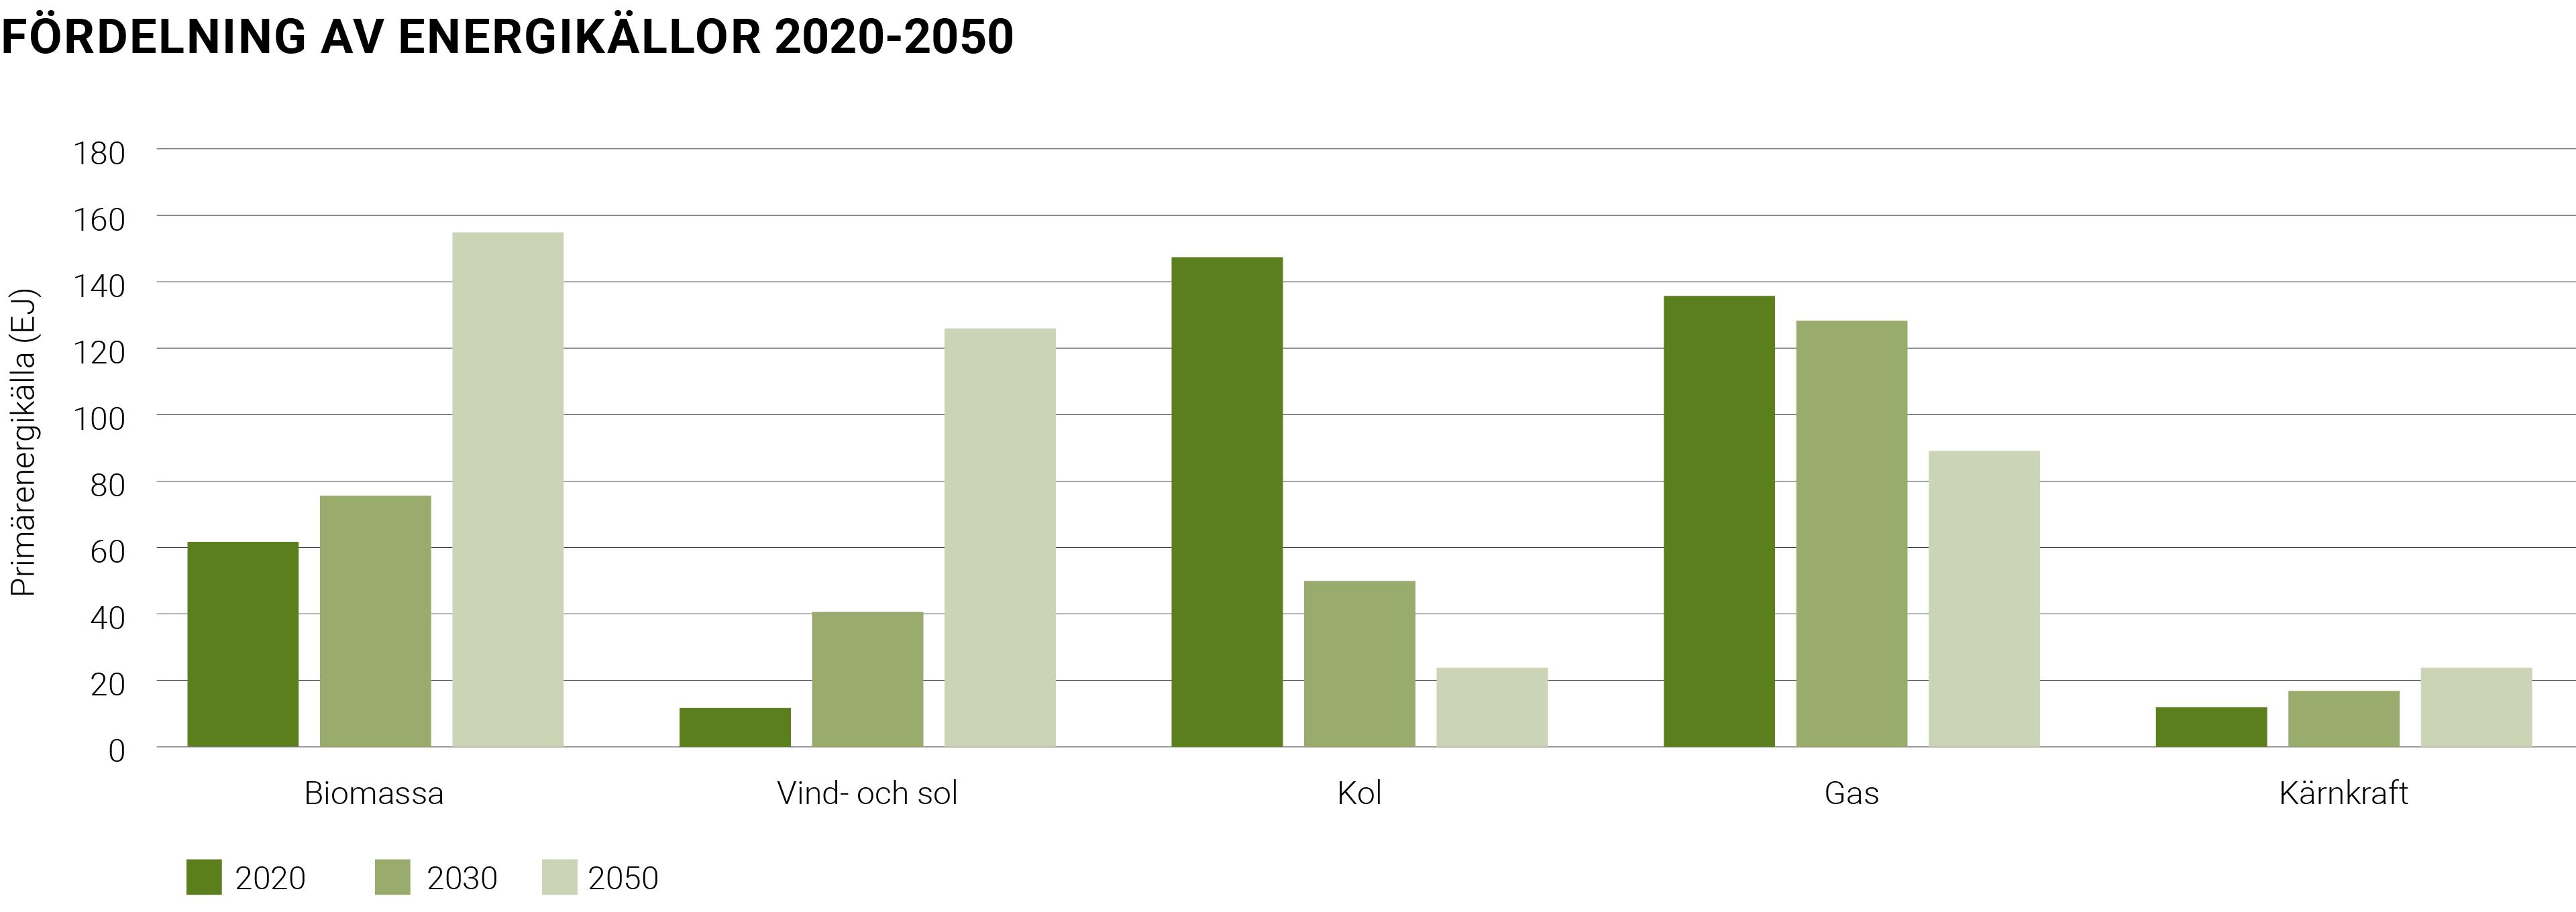 Fördelning energikällor 2020-2050